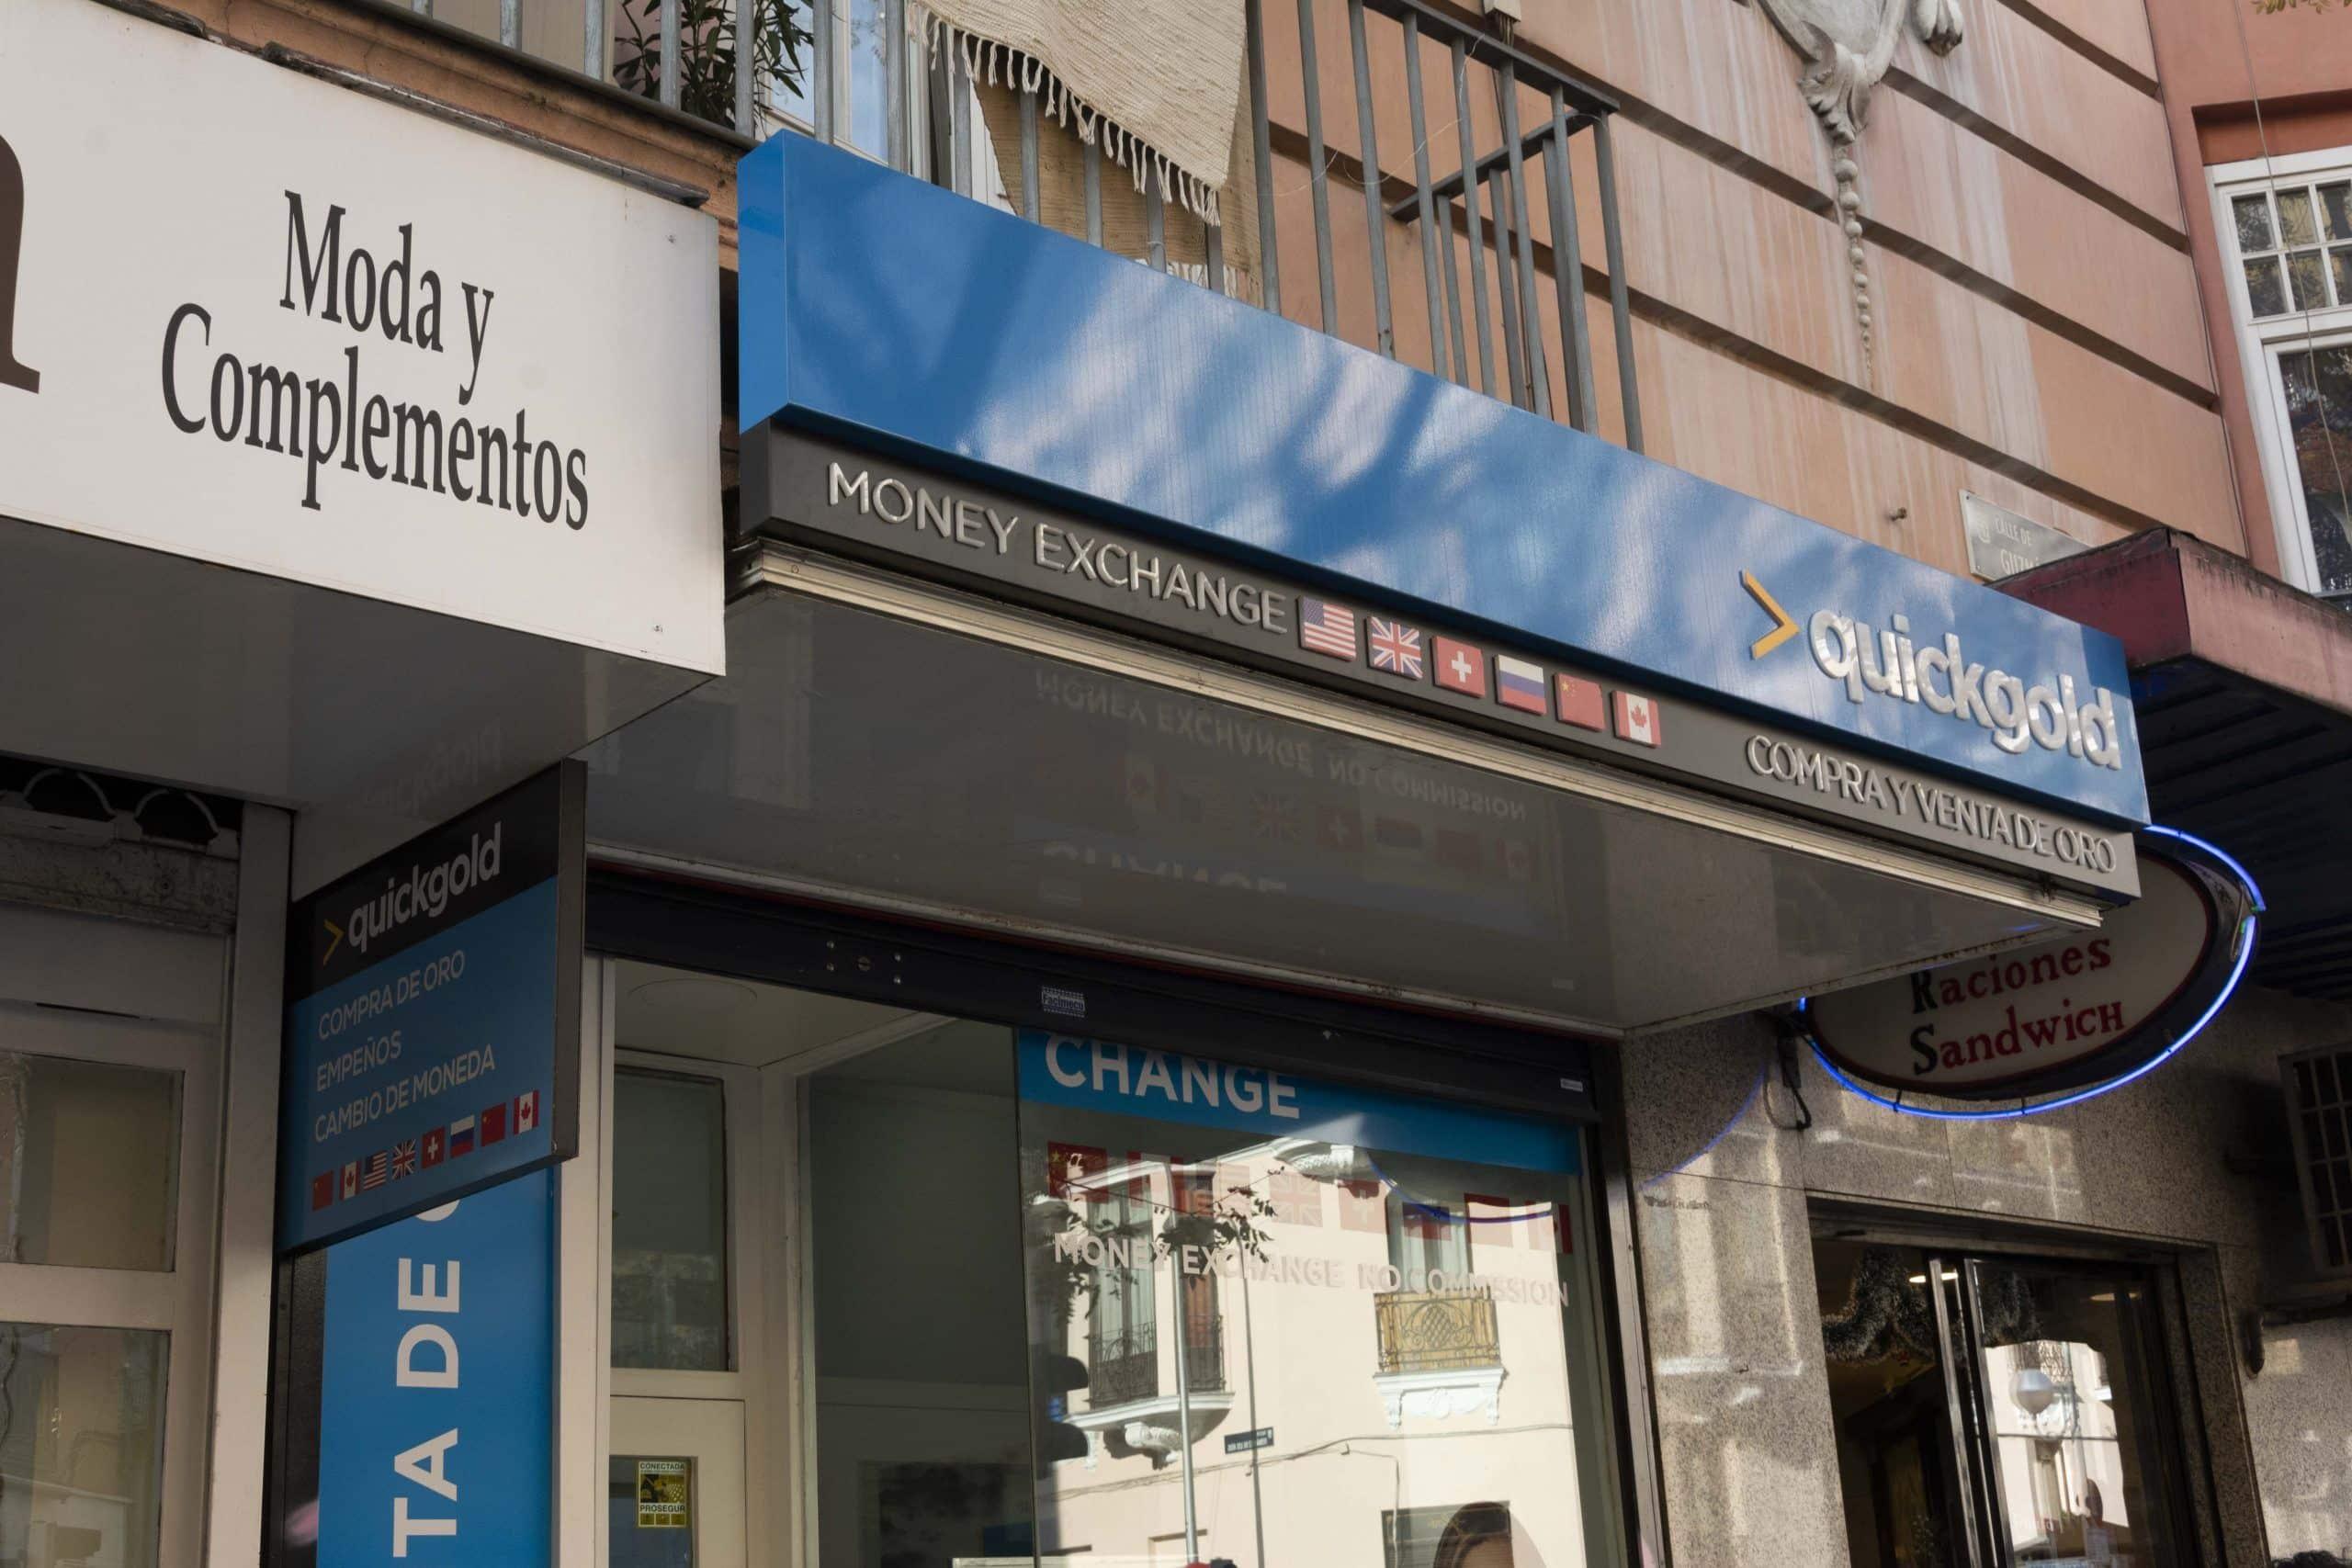 Tienda Quickgold Guzmán el Bueno